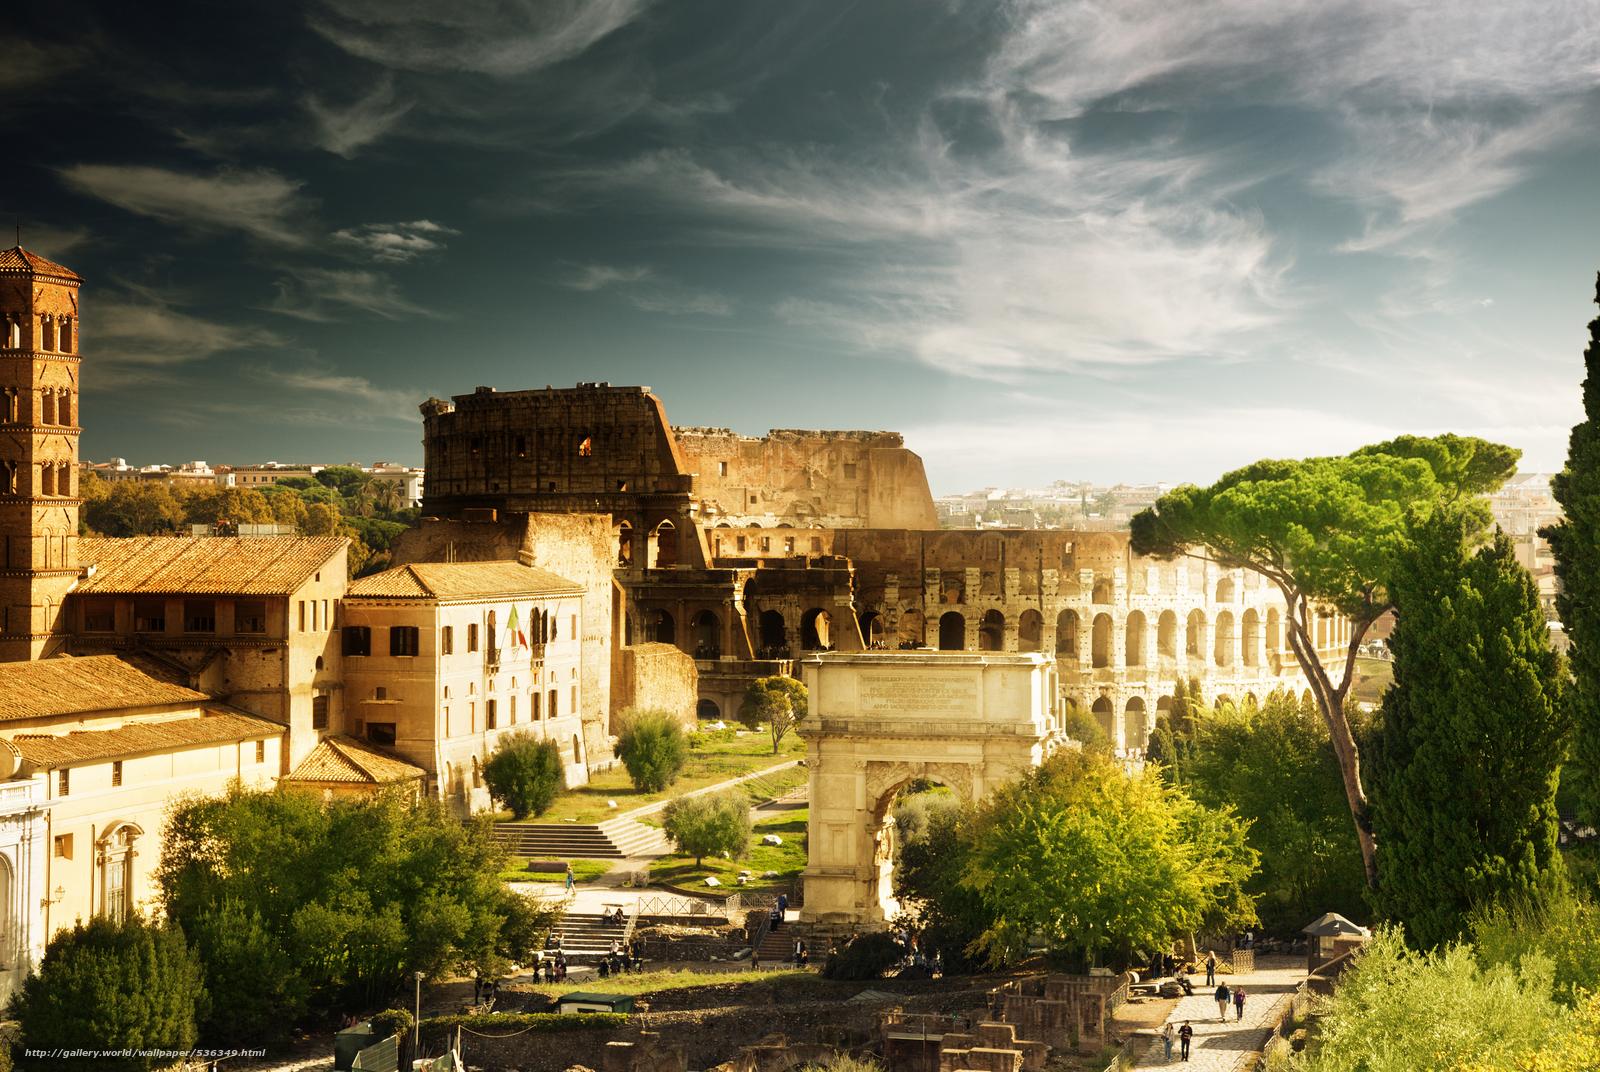 tlcharger fond decran rome - photo #33